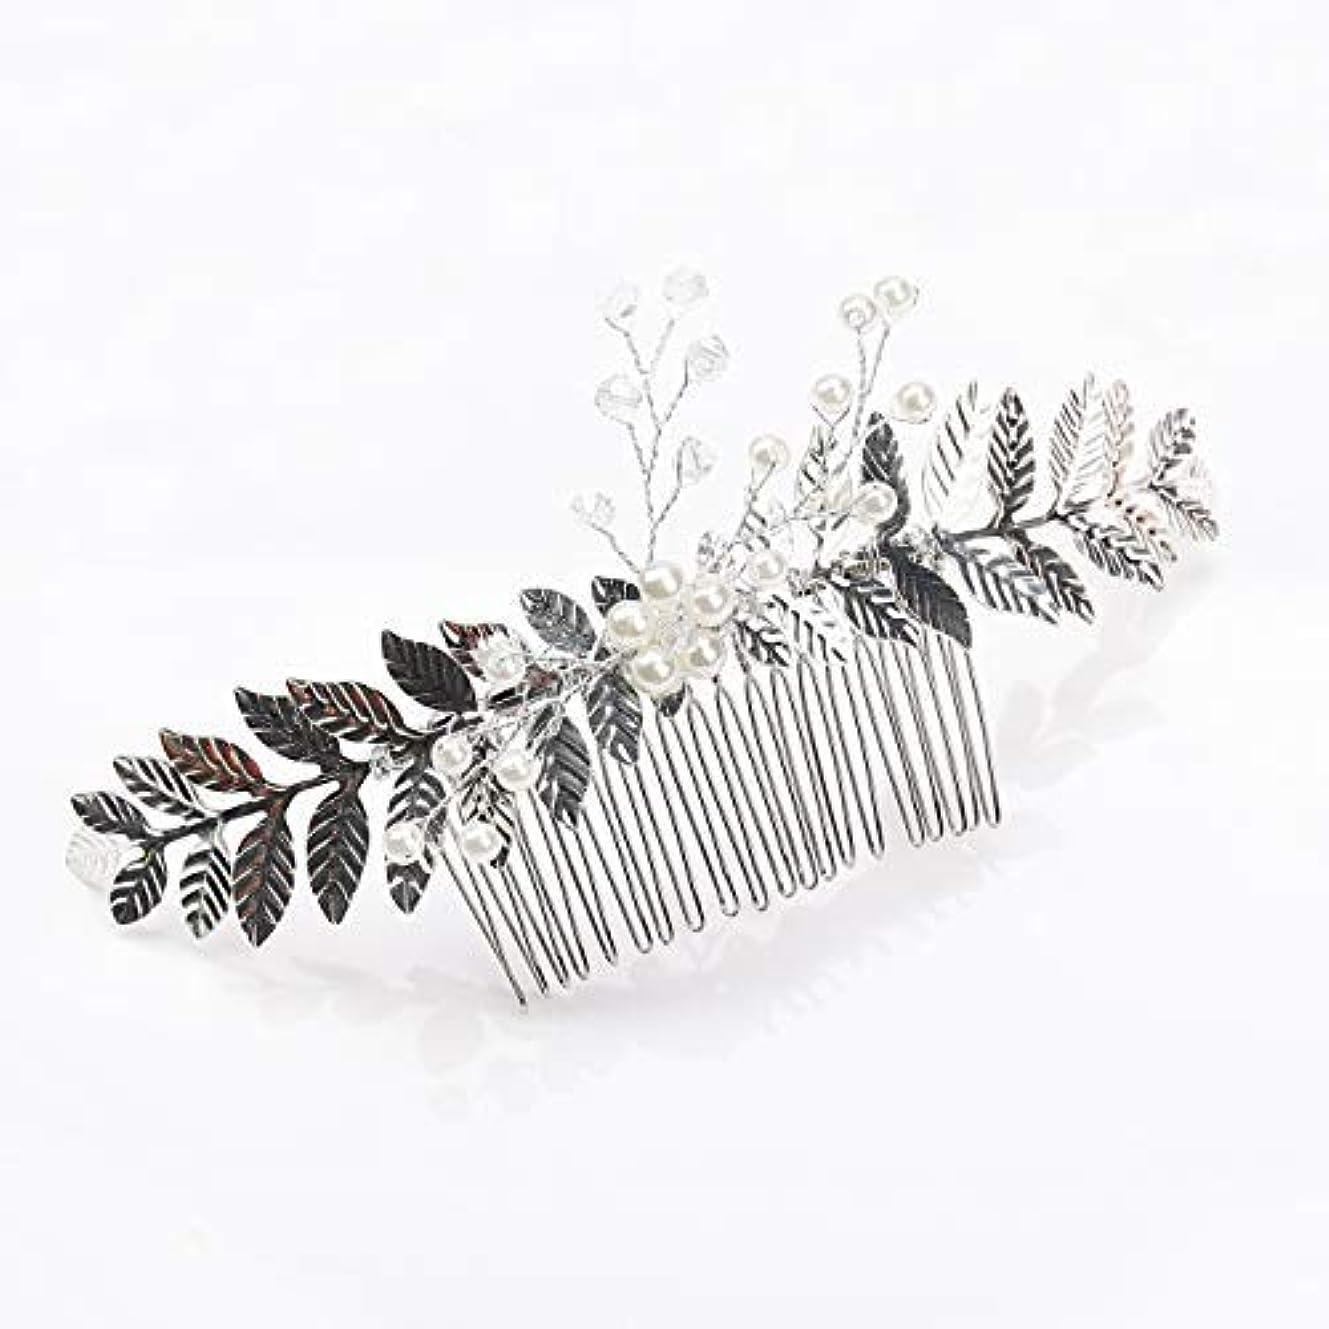 ペグ占める空洞Kercisbeauty Rustic Wedding Oliver Branch Pearl Flower and Crystal Hair Comb for Bride Bridesmaid Prom Headpiece (Silver) [並行輸入品]